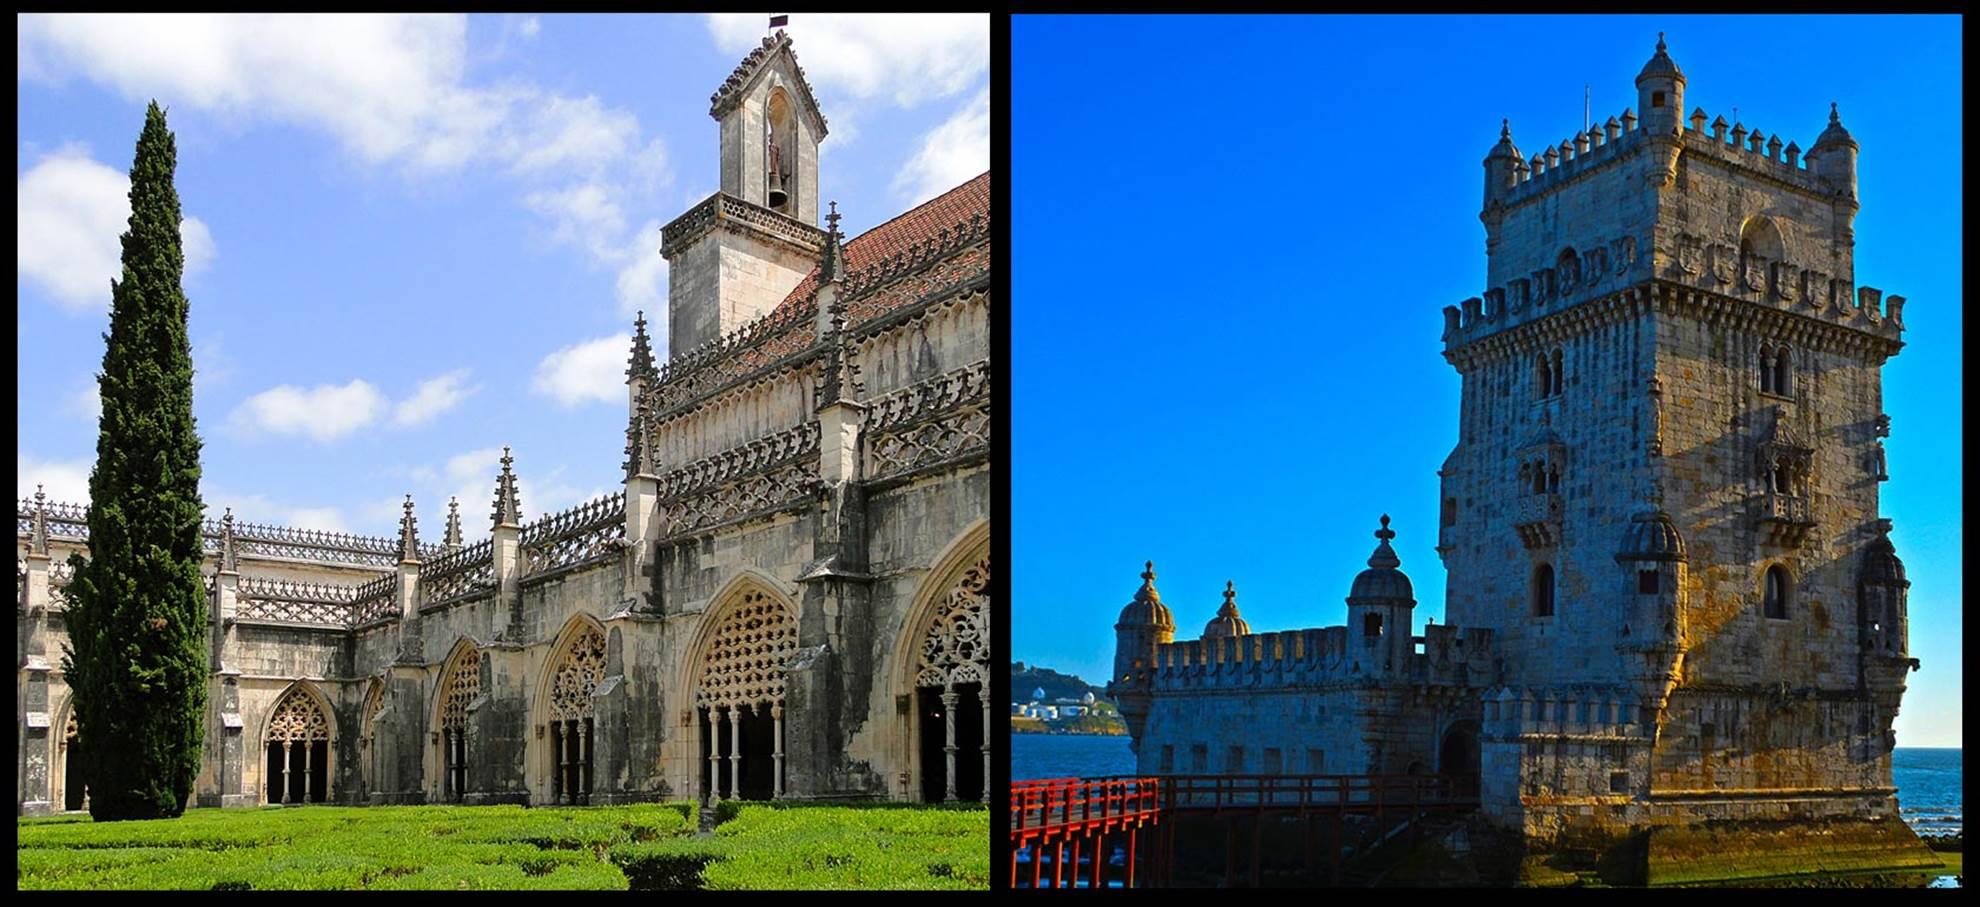 贝伦景区通票:贝伦塔+热罗妮姆斯修道院免排队门票